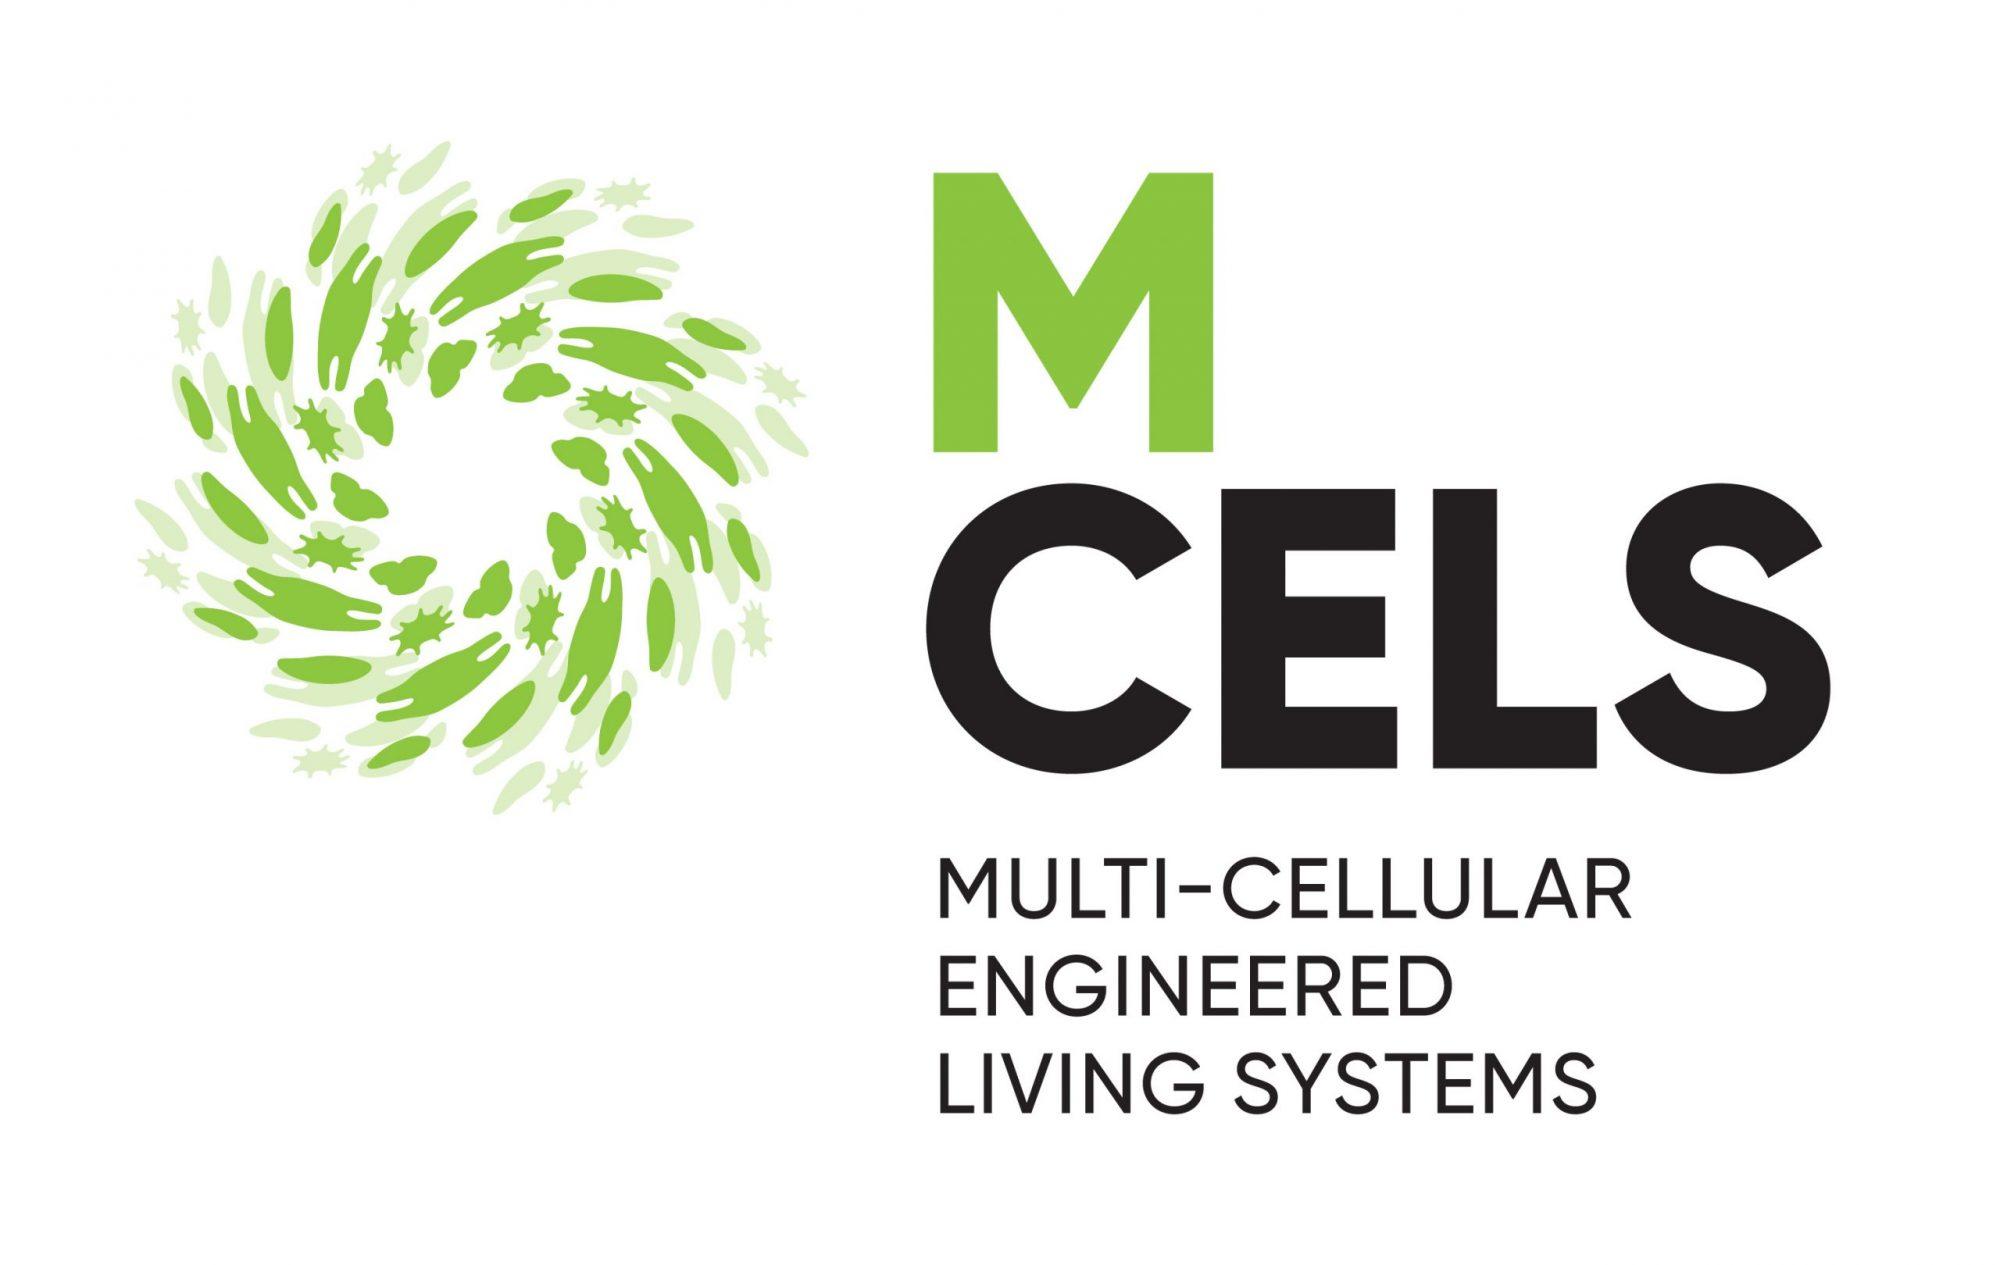 M-CELS @ MIT